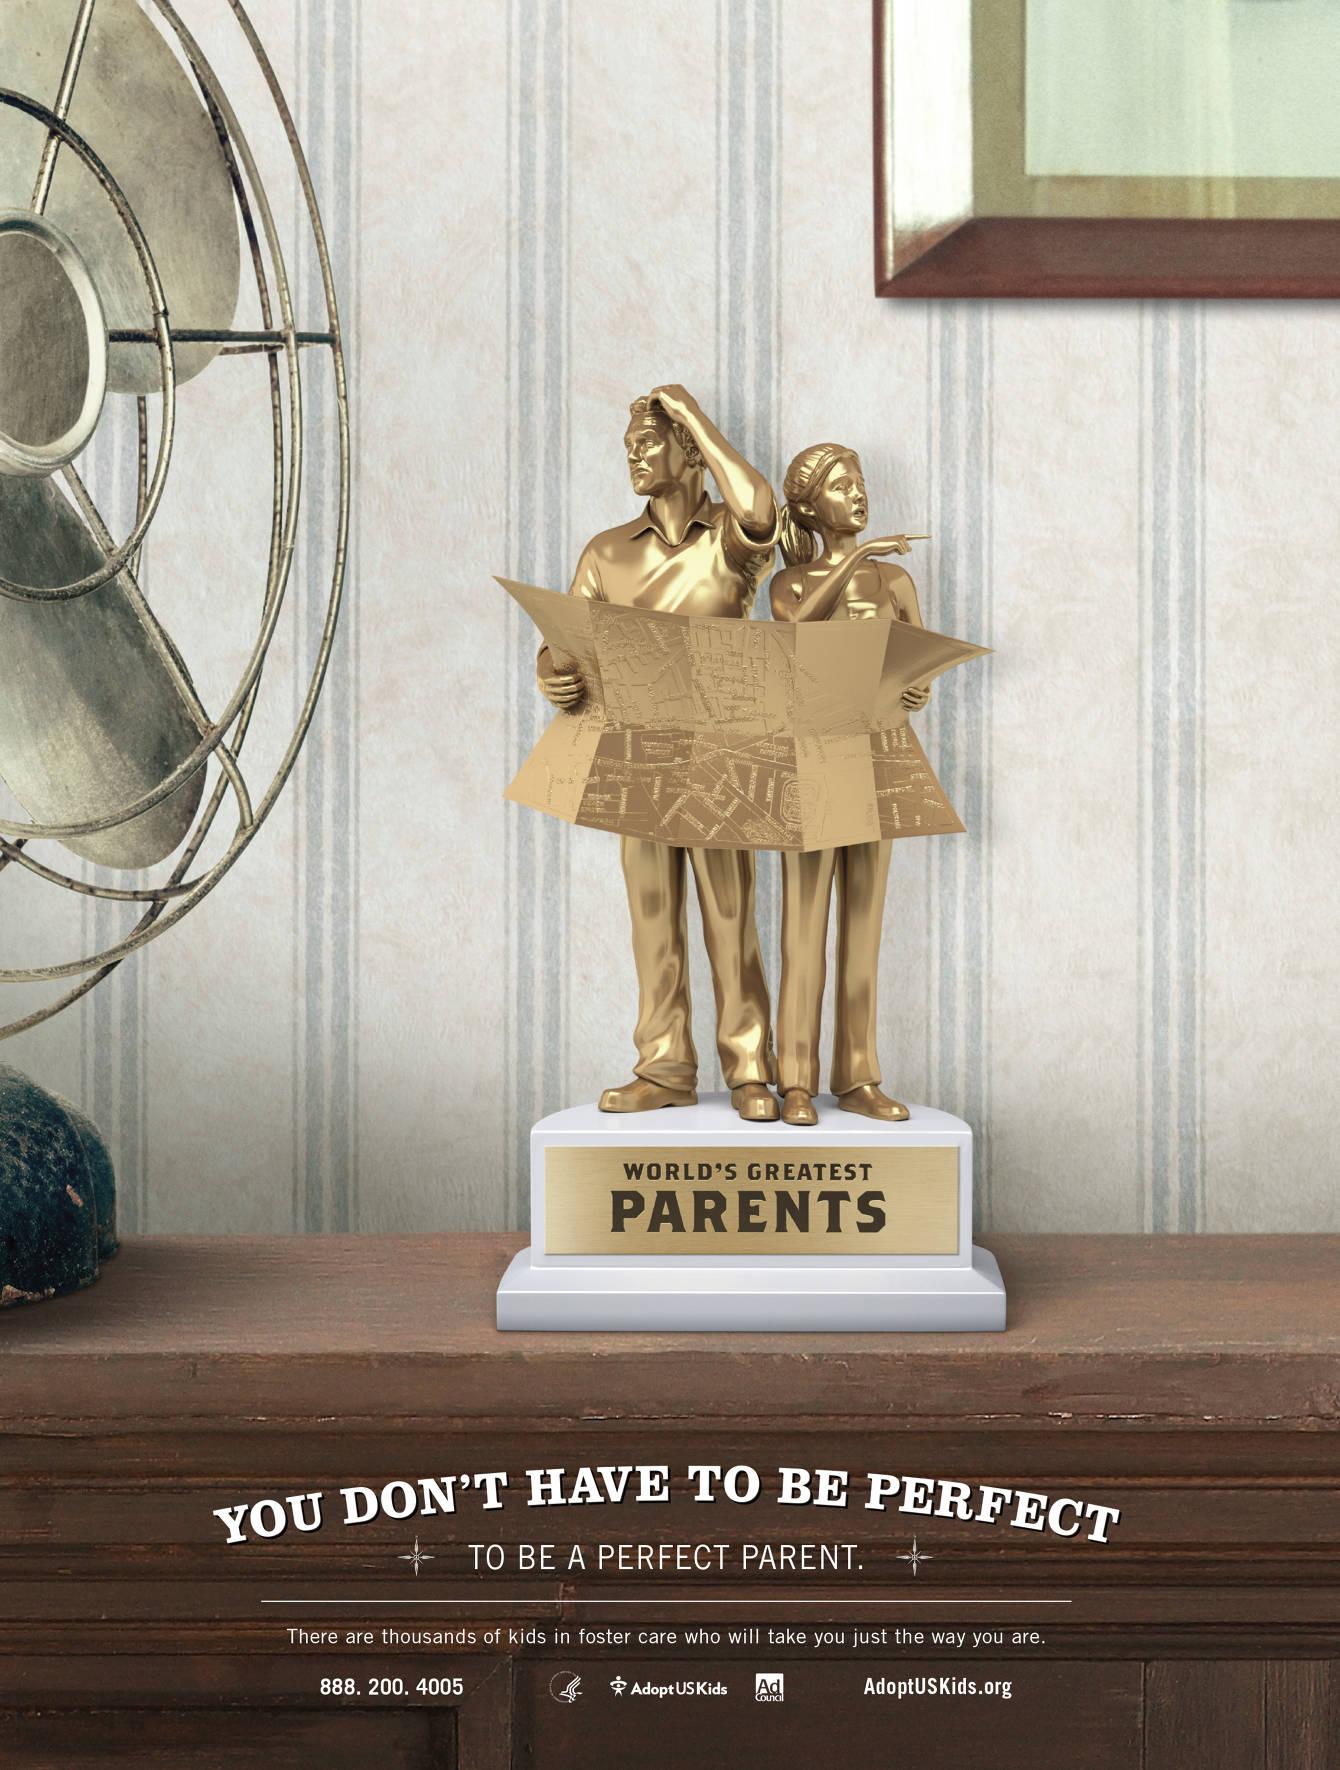 AdoptUSKids-Perfect-Parent-campaign-map-final_2x.jpg